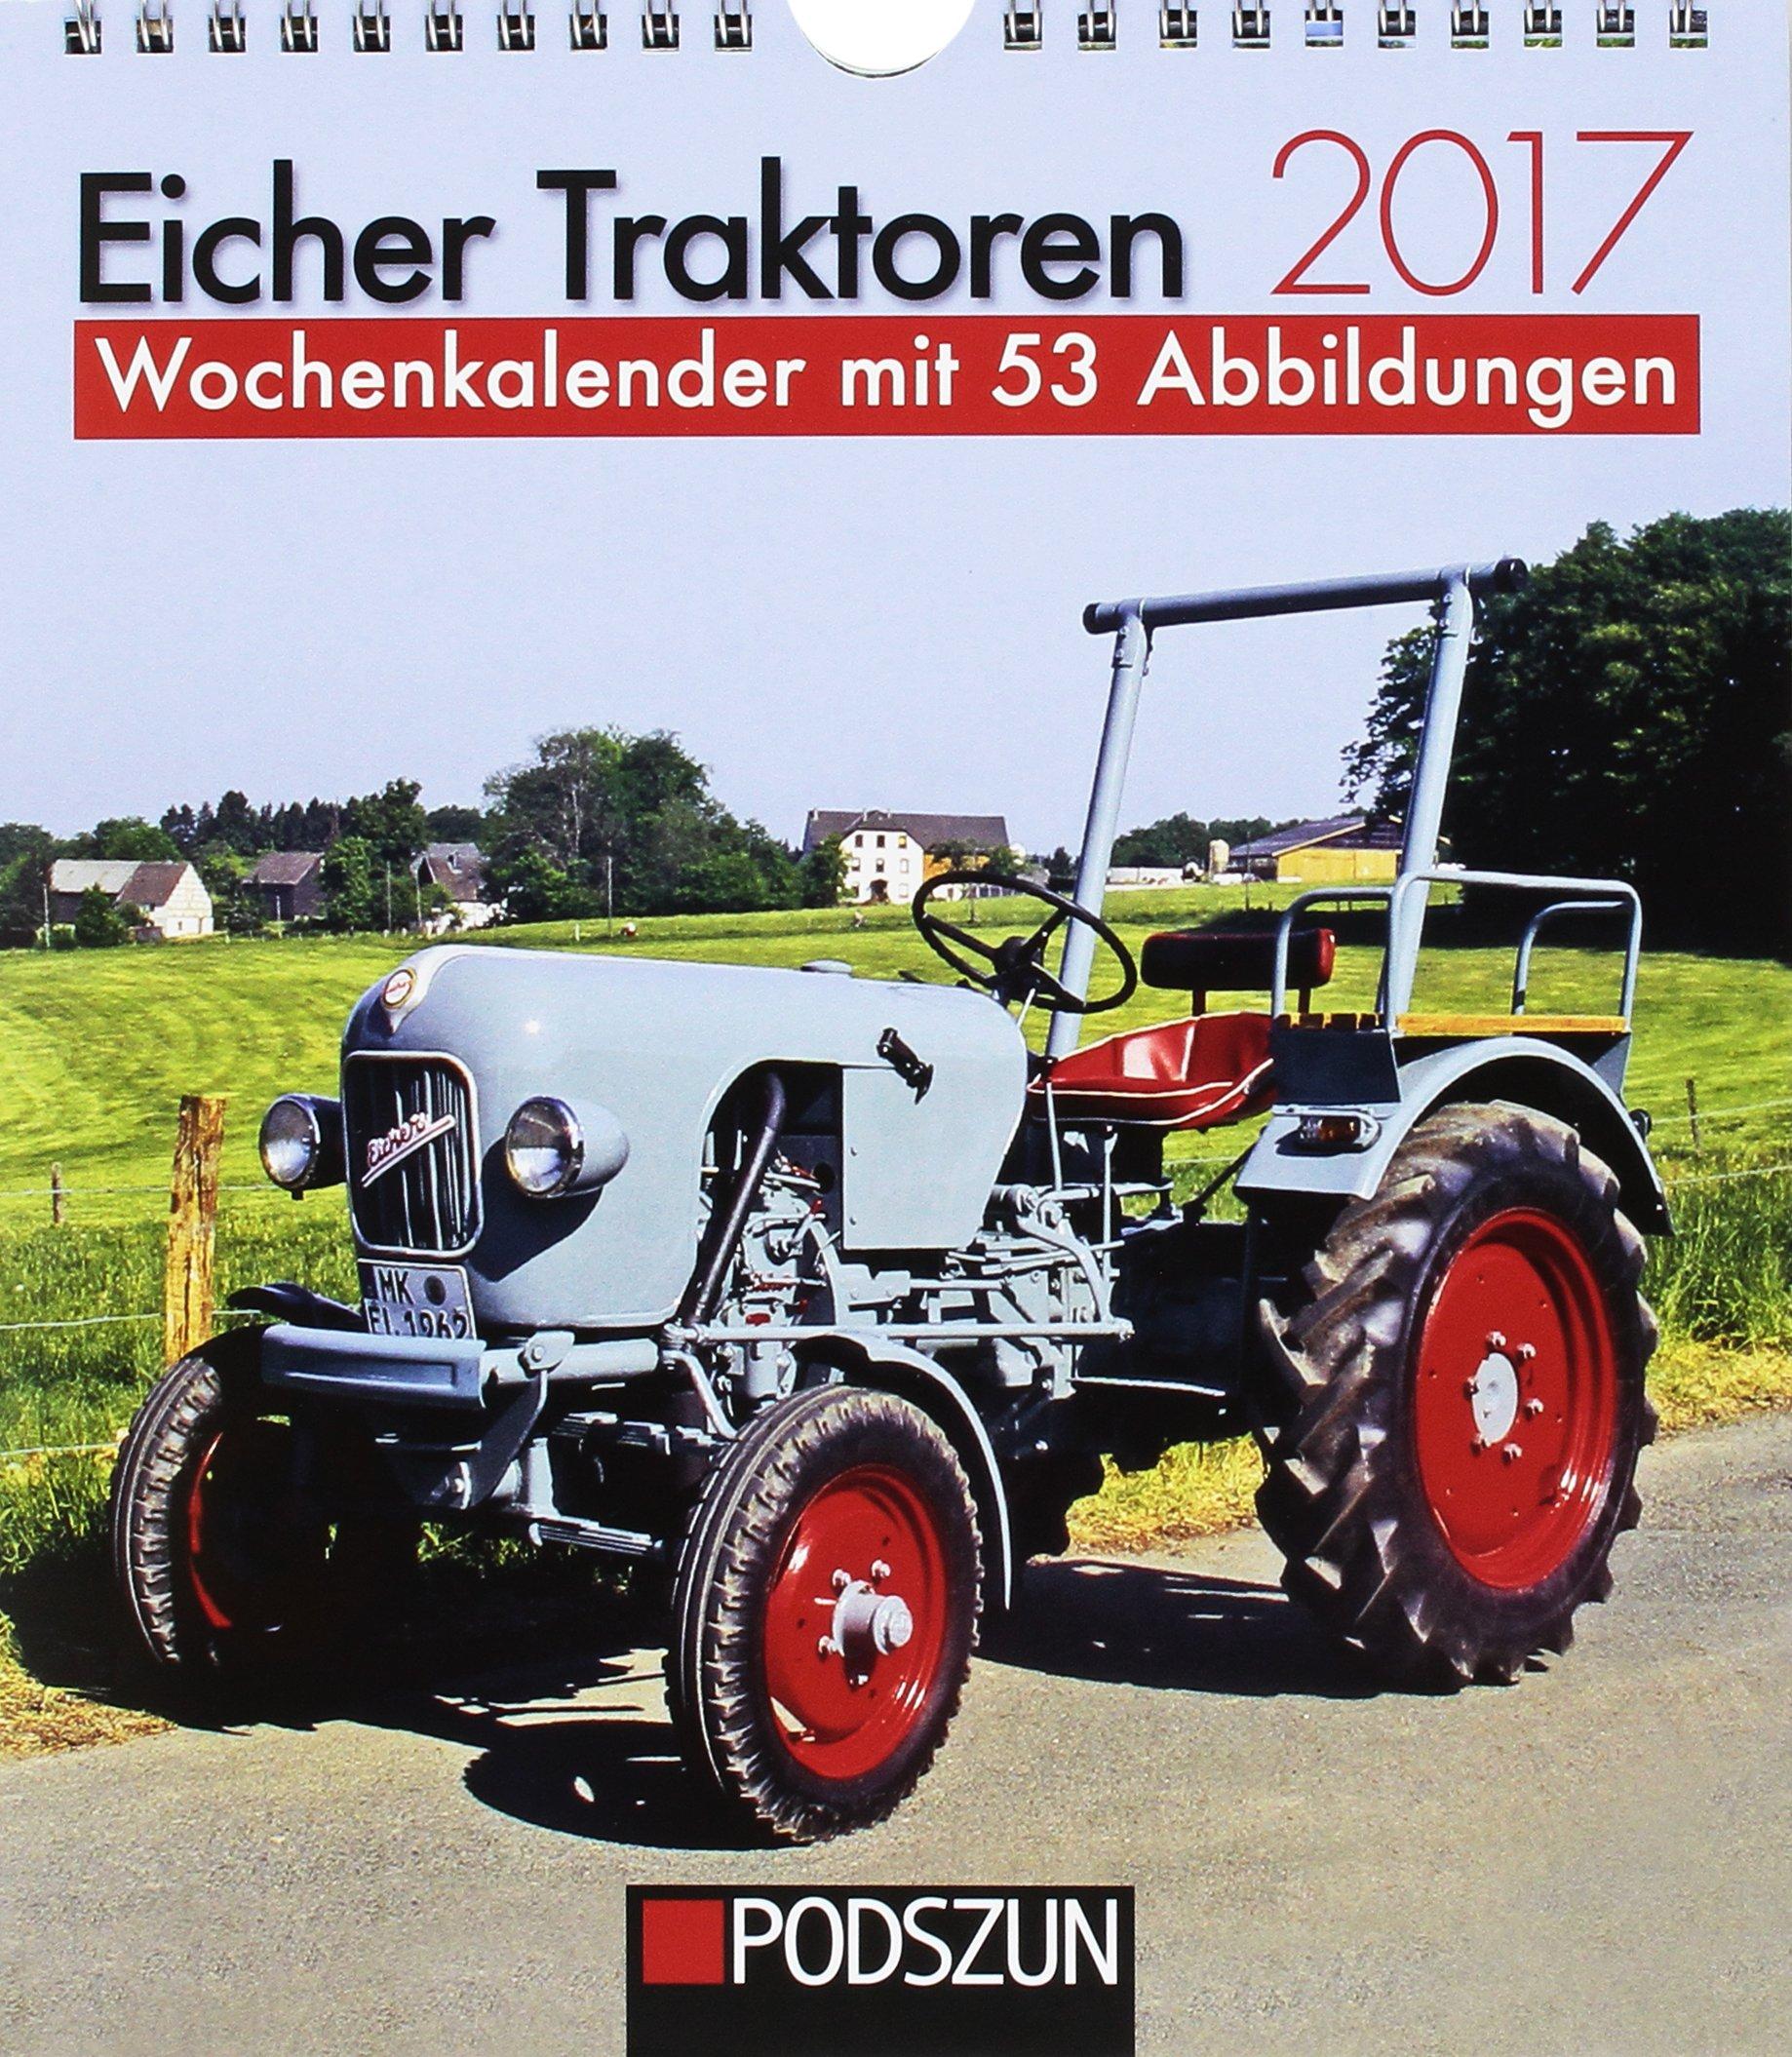 Eicher Traktoren 2017: Wochenkalender mit 53 Fotografien